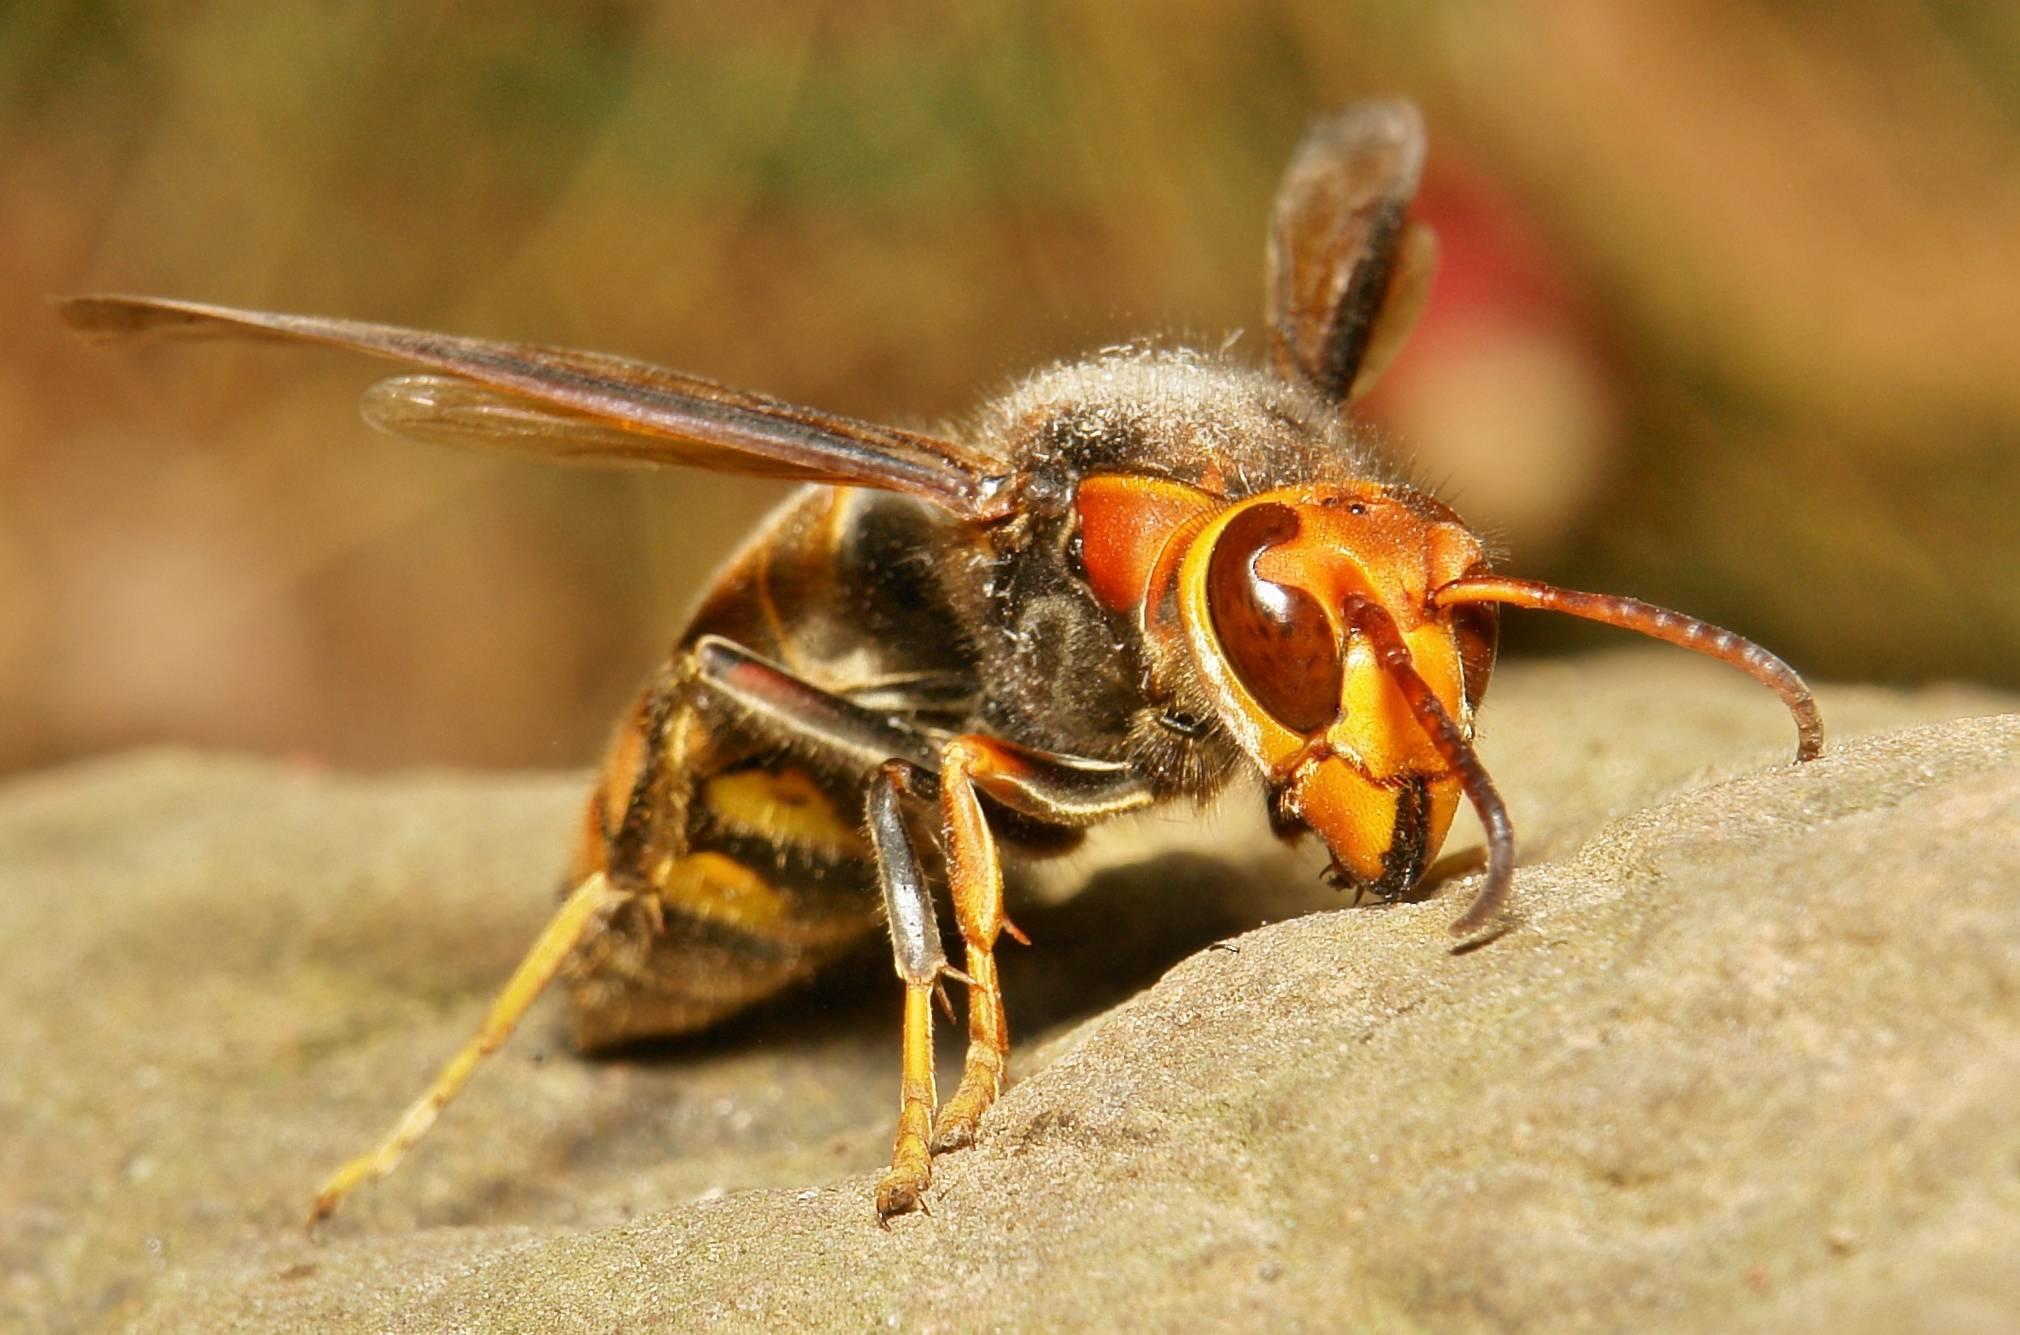 Образ жизни азиатского гигантского шершня vespa mandarinia, последствия его укусов